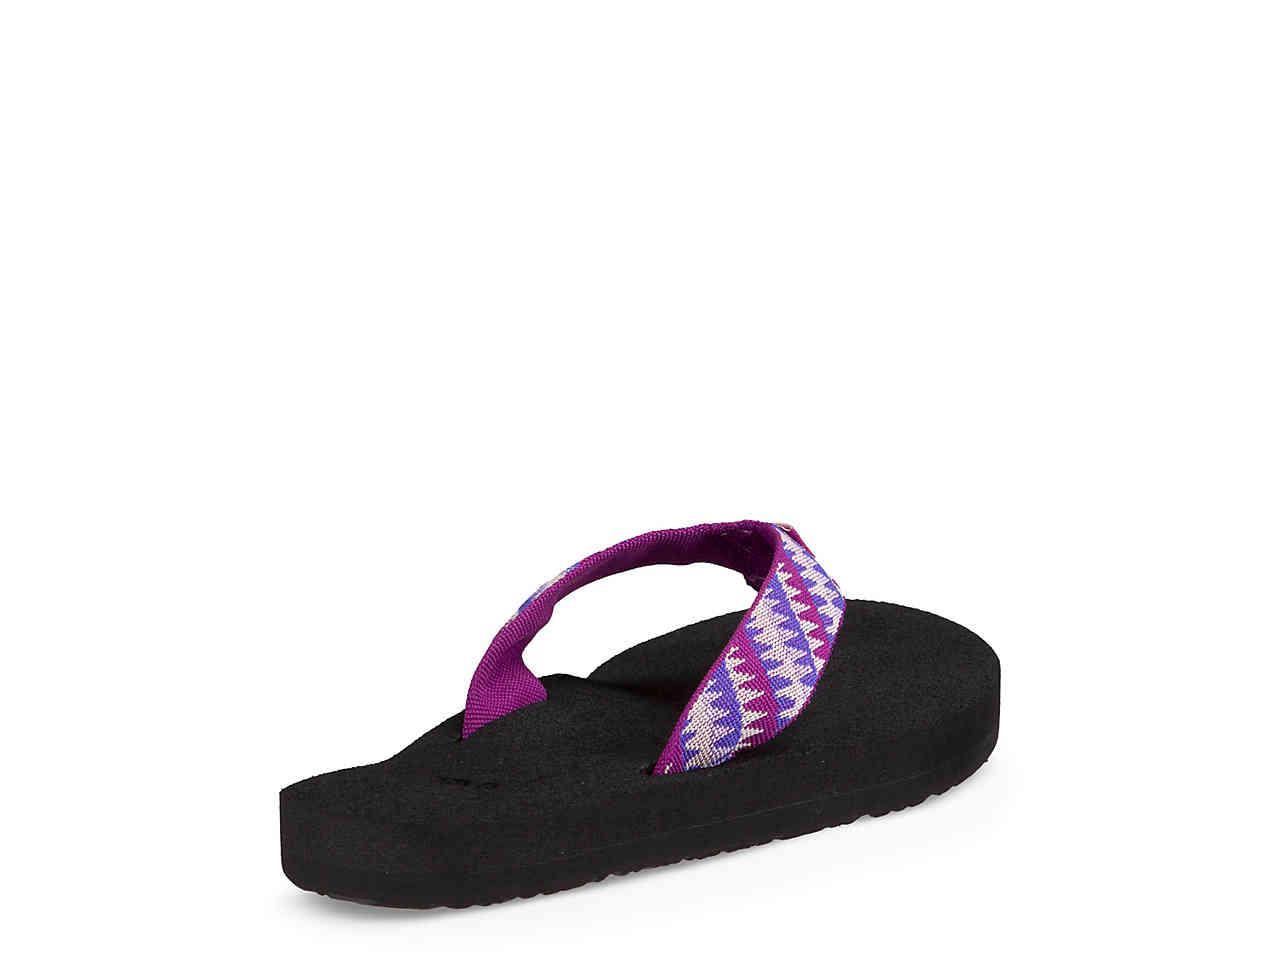 a4615be8acfb Lyst - Teva Mush Ii Patterned Flip Flop in Purple